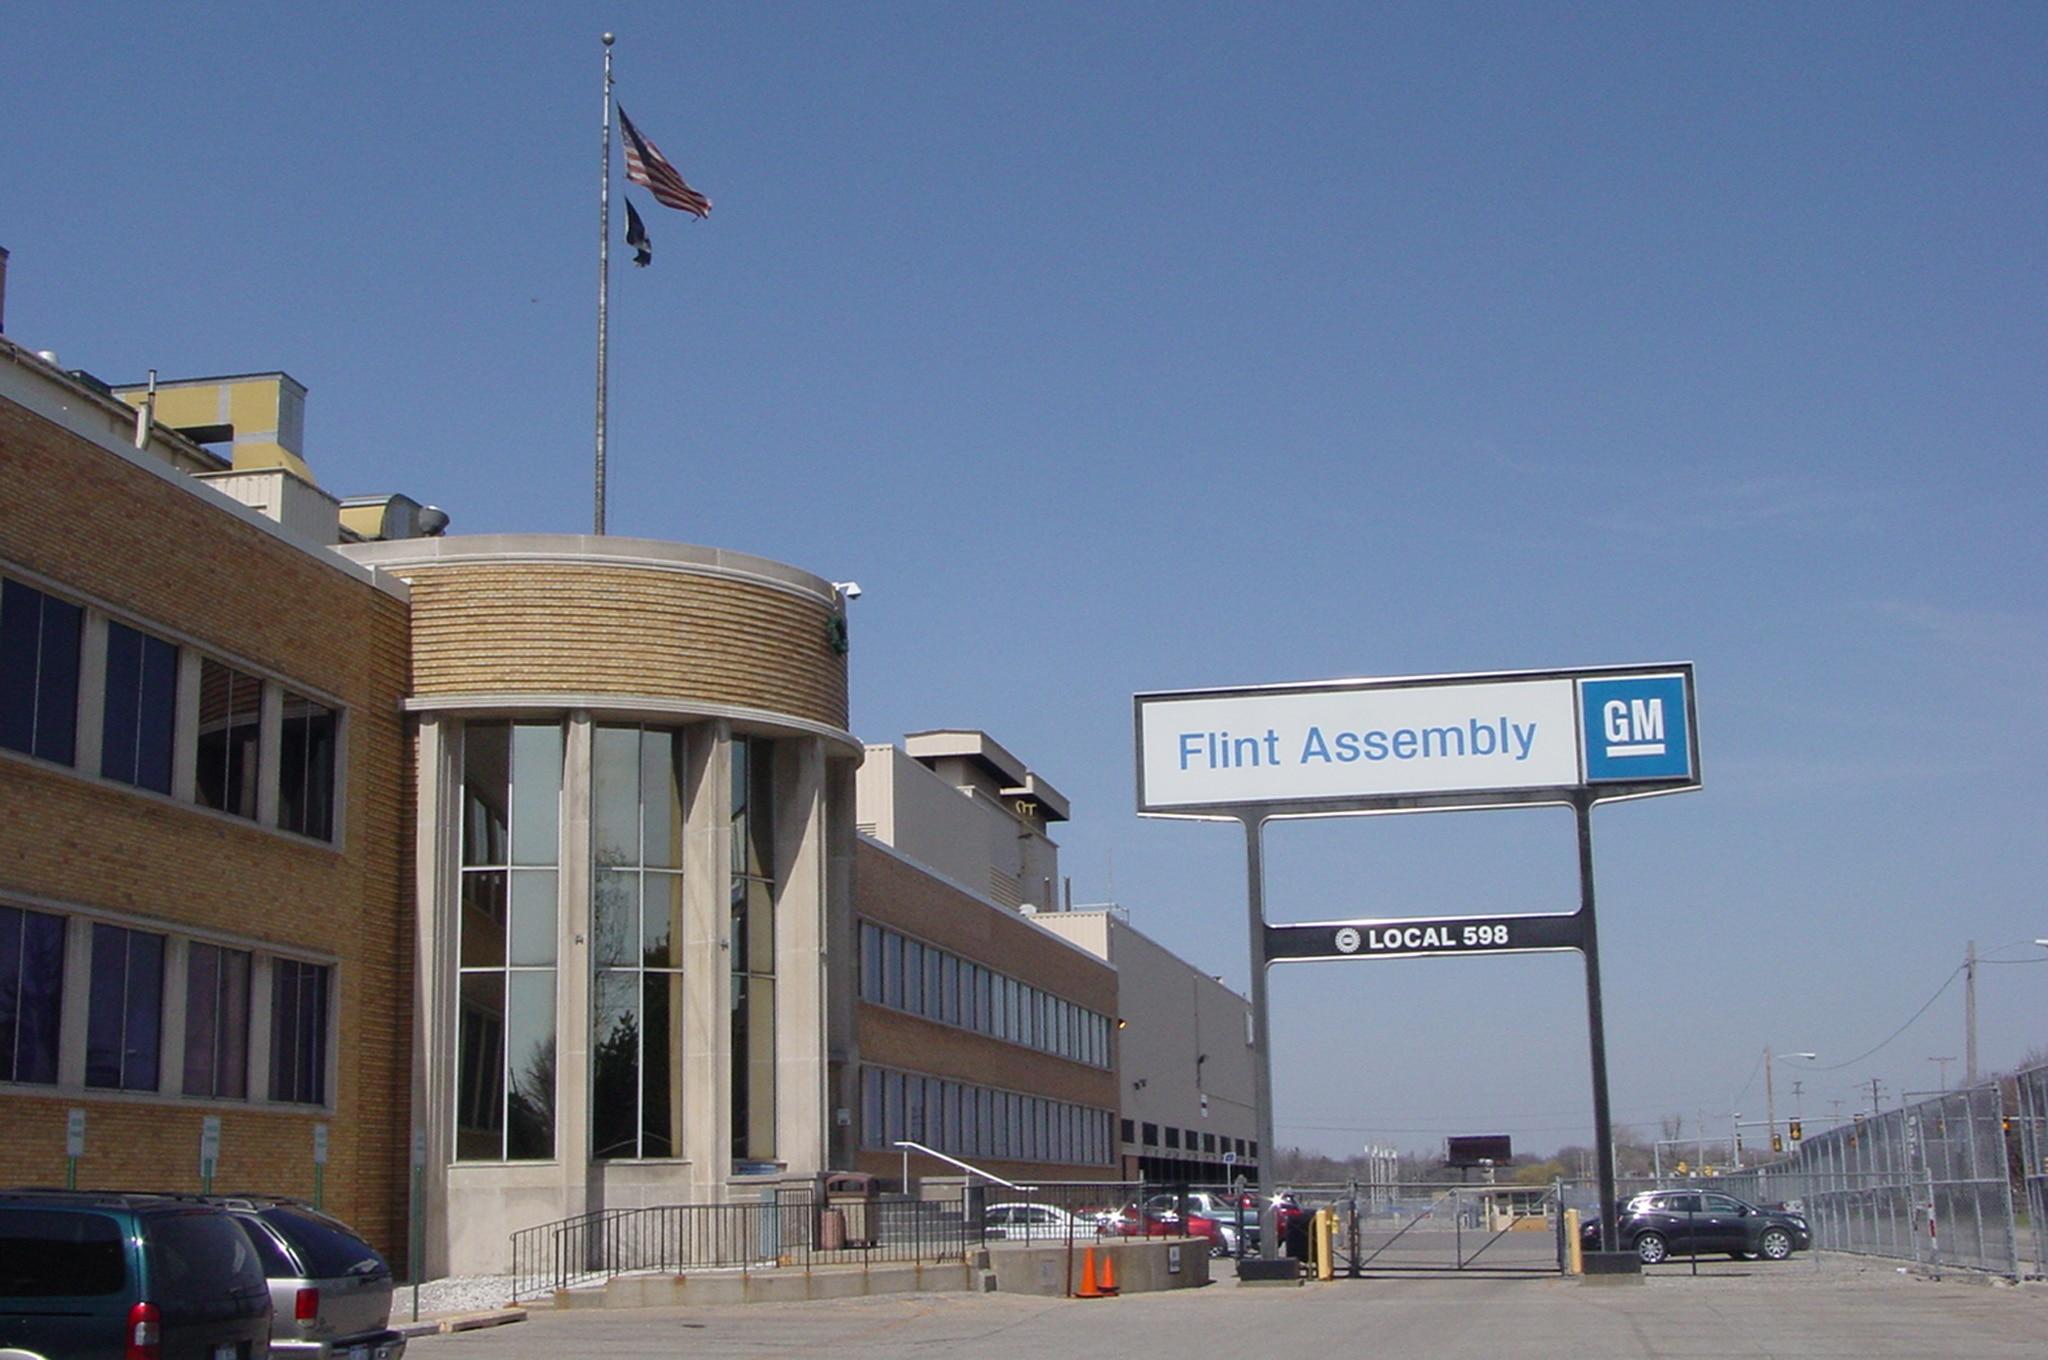 GM Flint Assembly